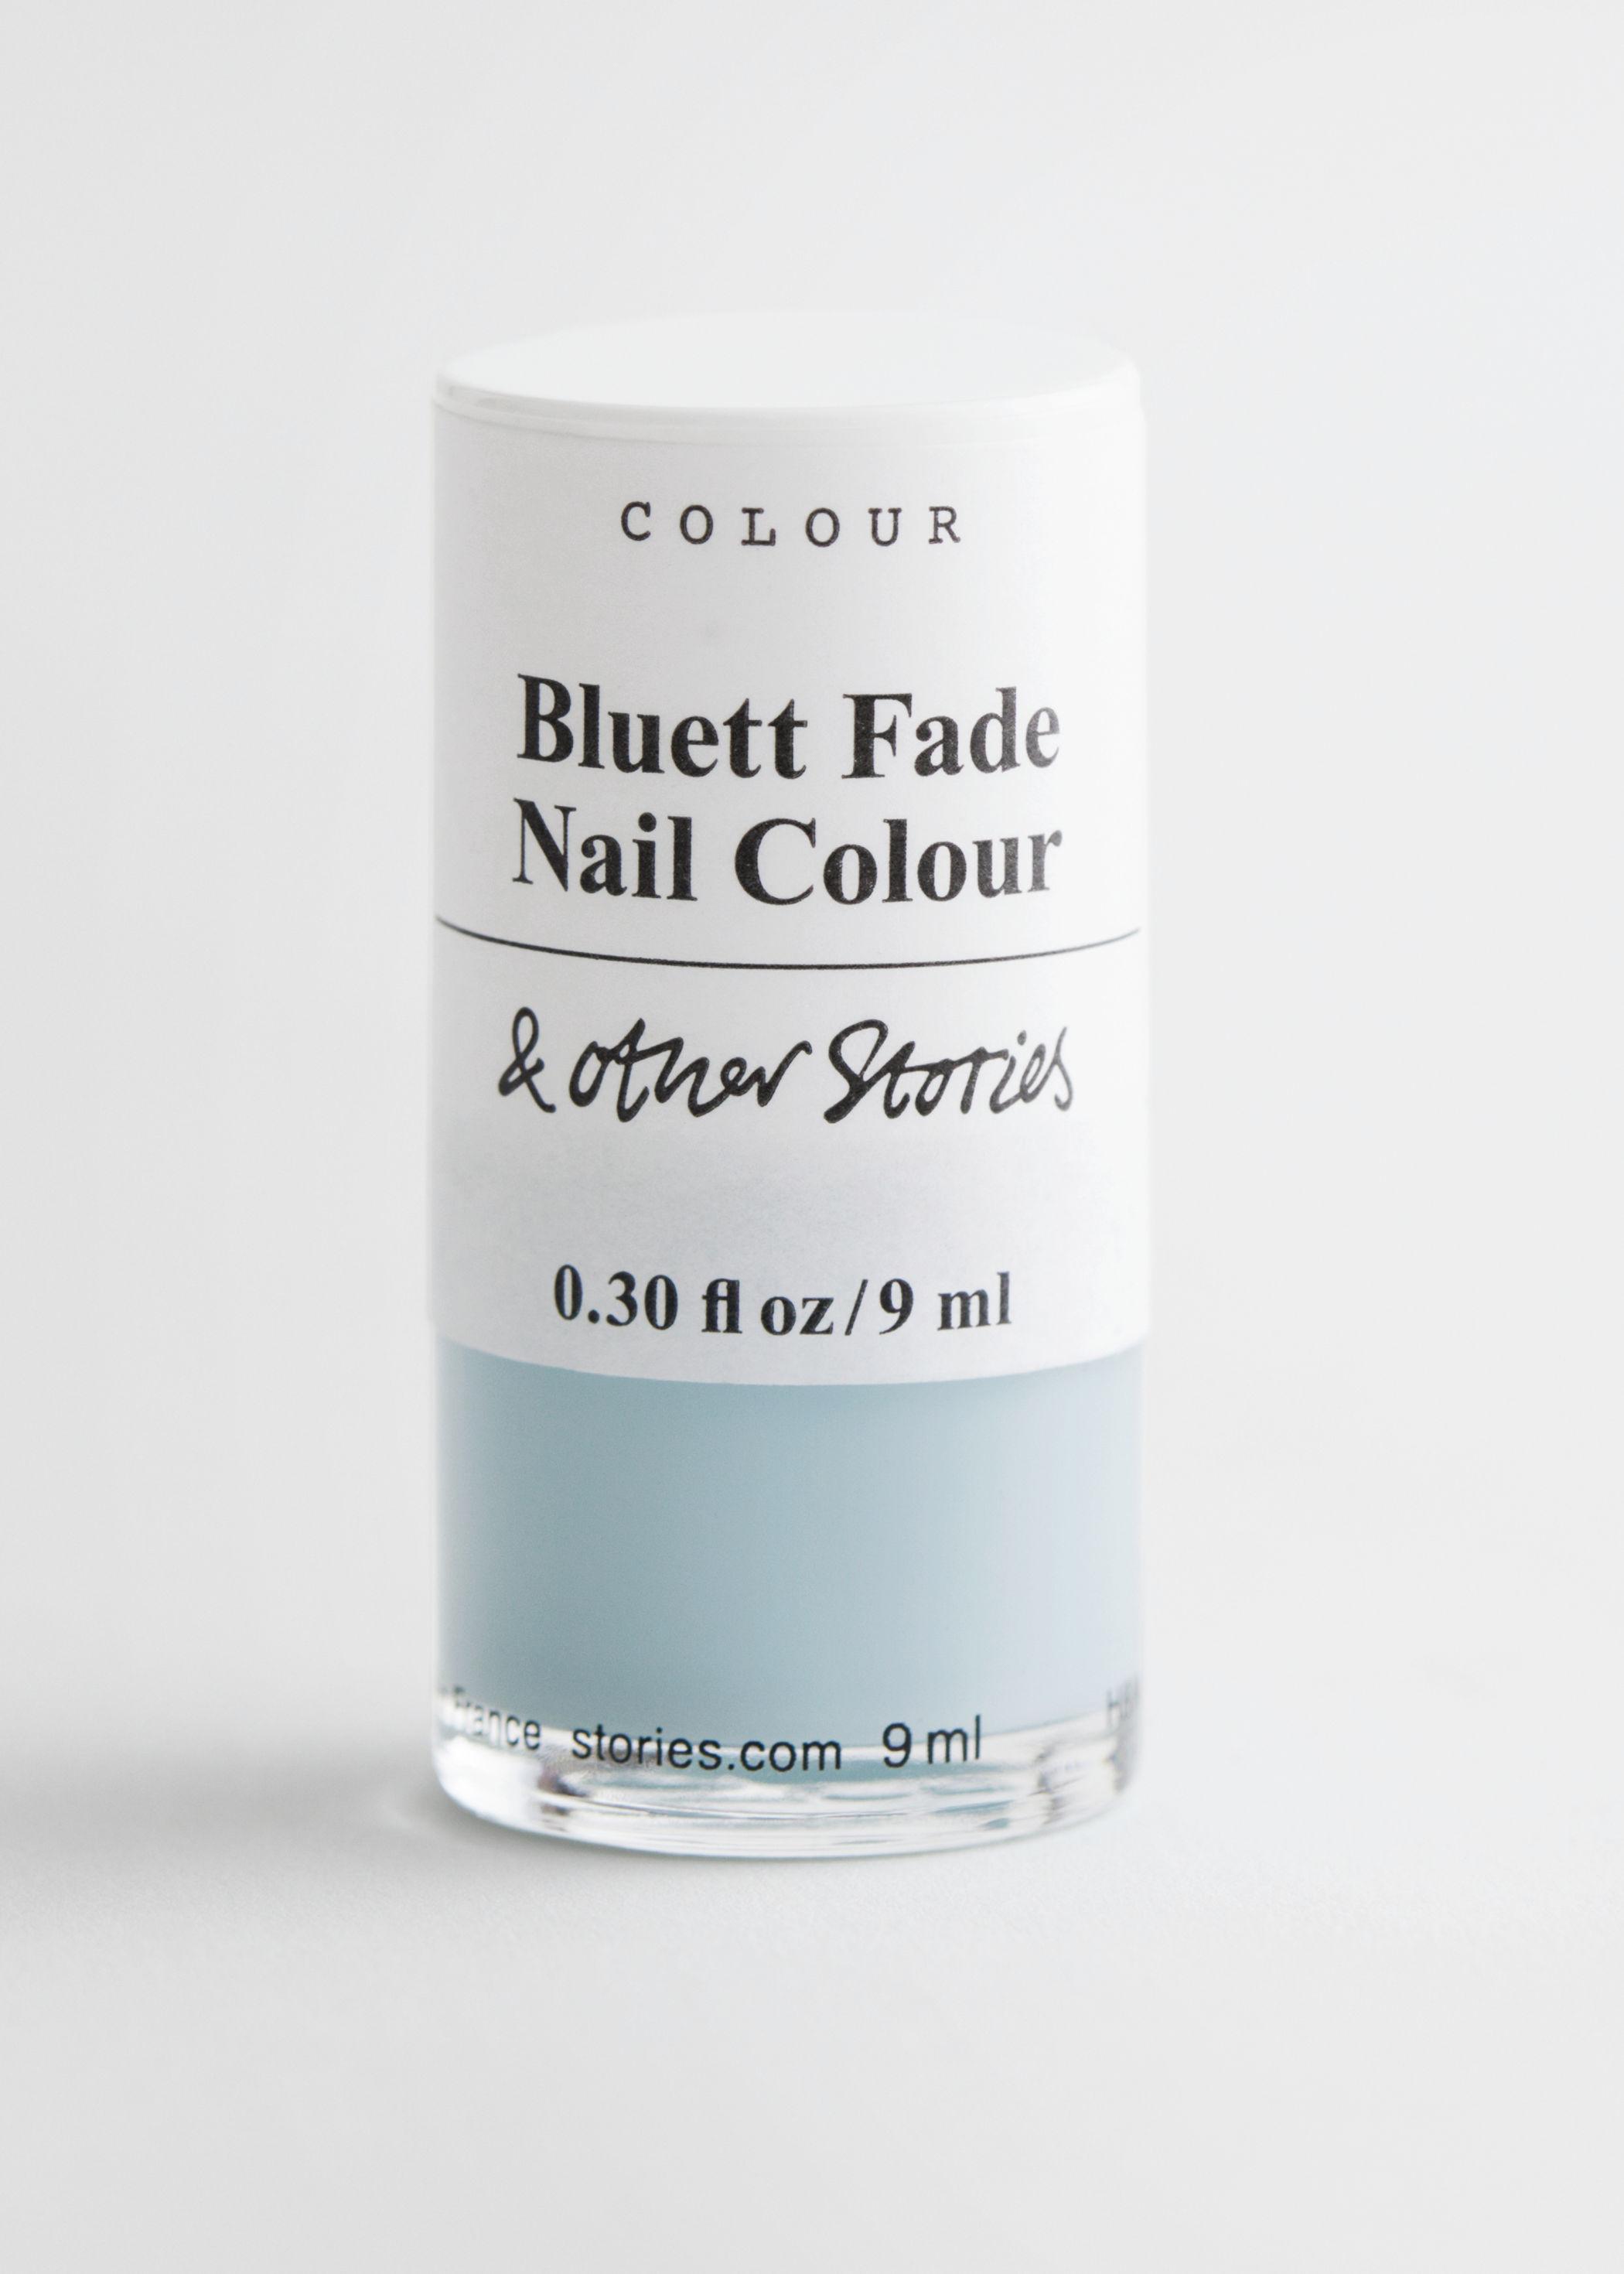 앤 아더 스토리즈 네일 폴리시 매니큐어 & OTHER STORIES Bluett Fade Nail Polish